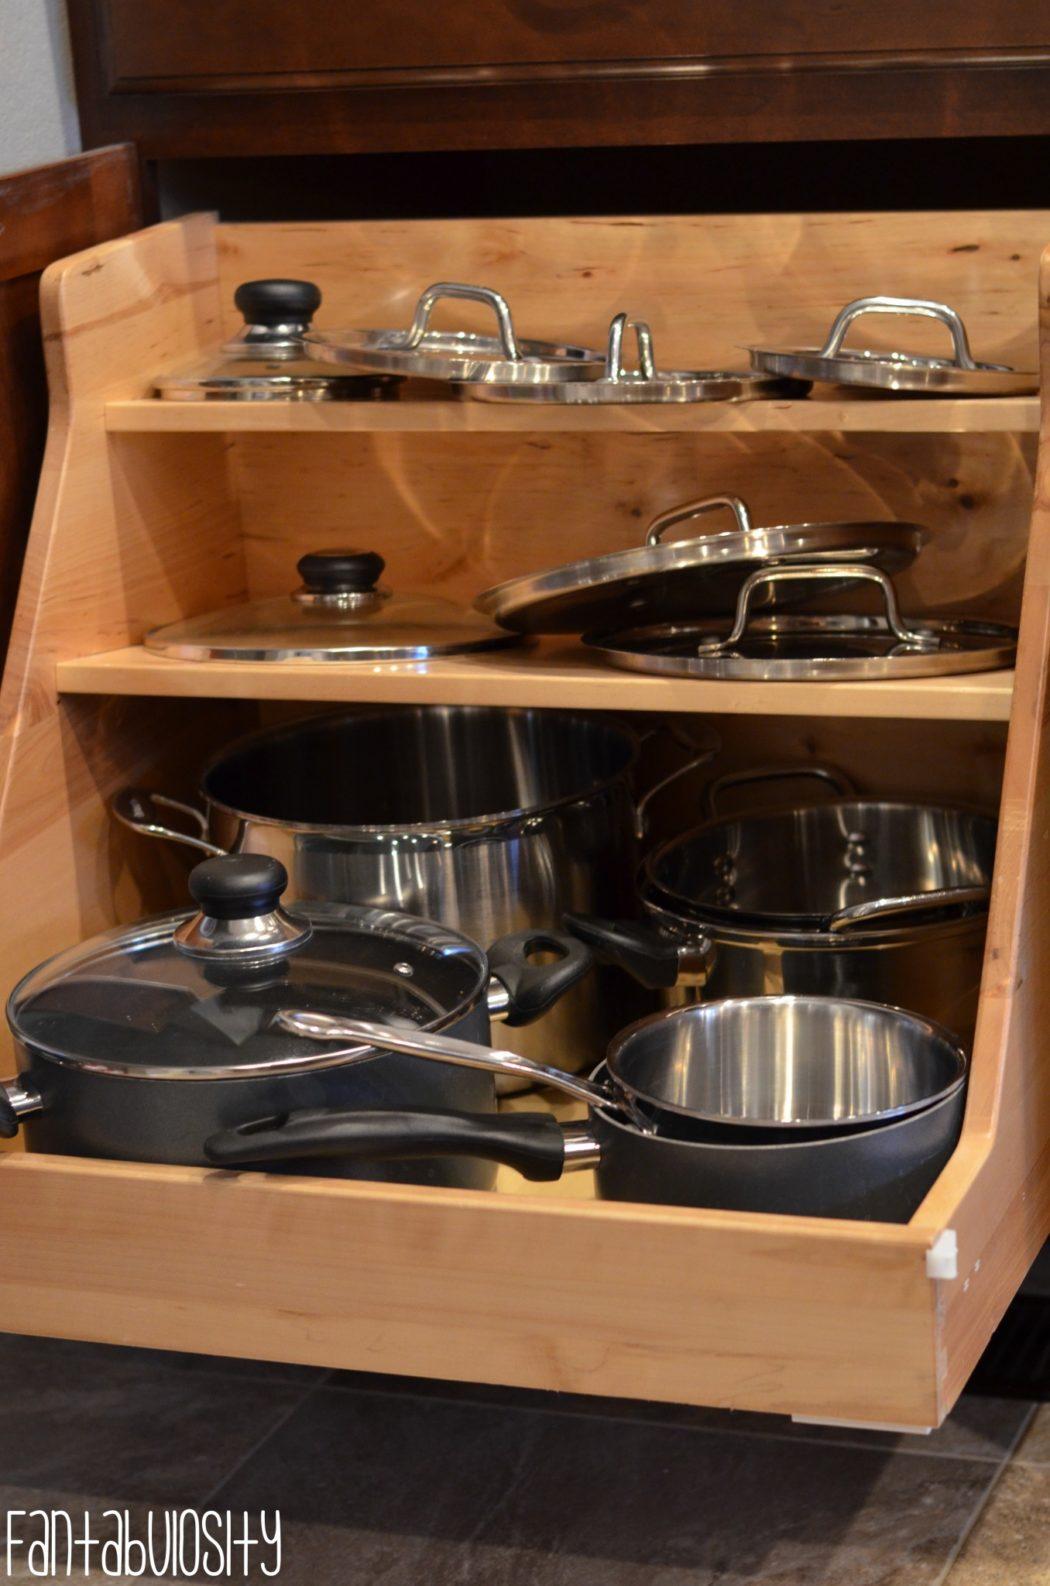 Pots & Pans Organizer, Kitchen Home Design Ideas Home Tour Part 4 fantabulosity.com